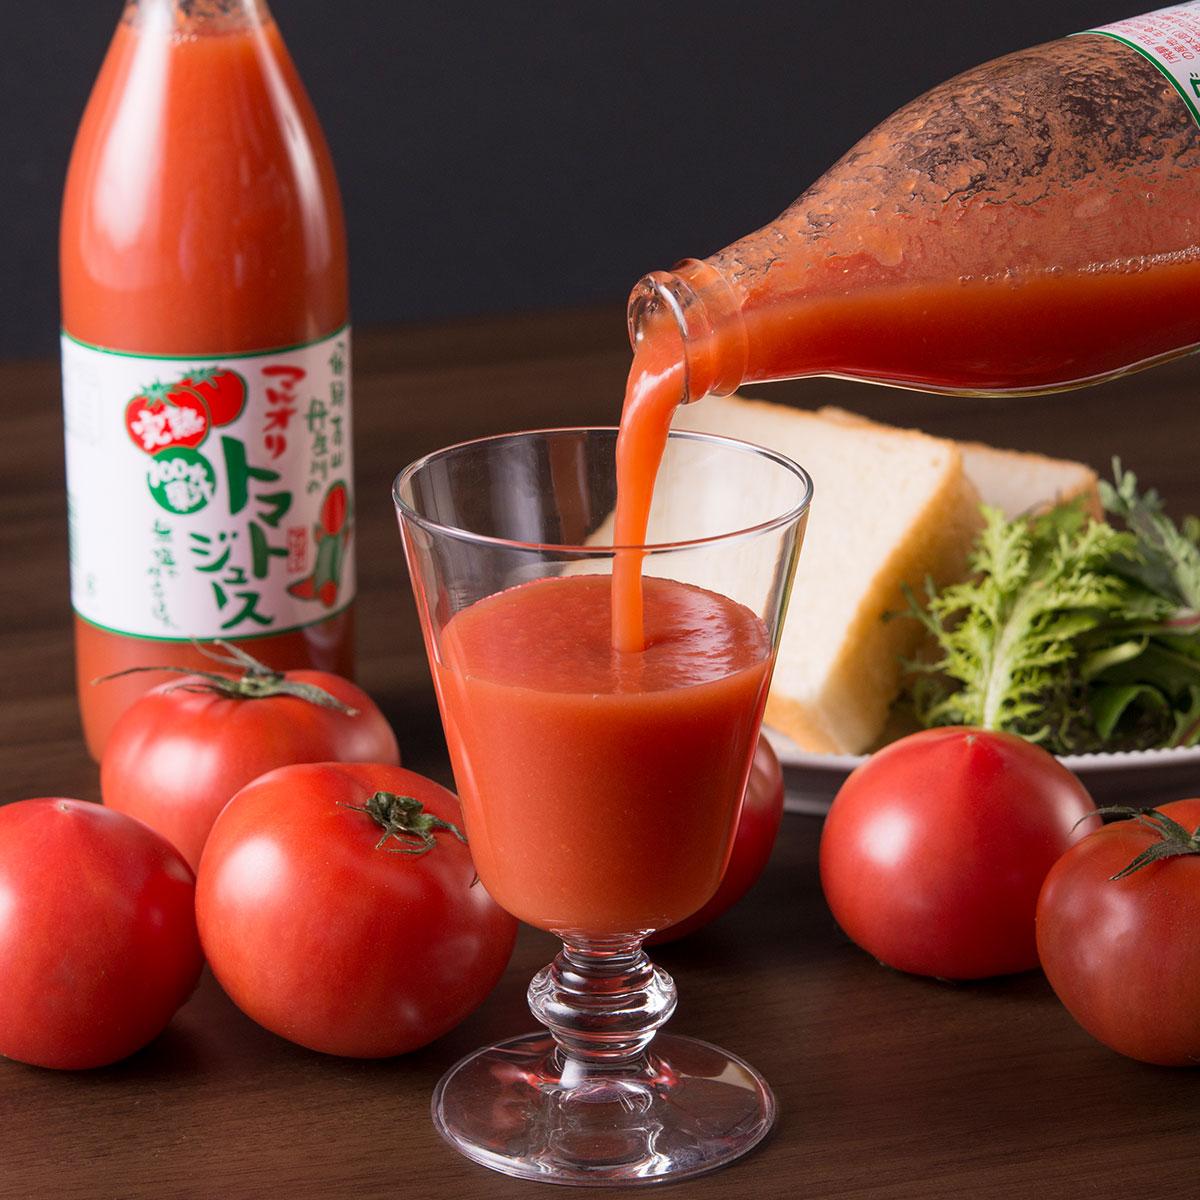 送料無料完熟桃太郎トマトジュース12本入りセット食塩無添加果汁100%国産飛騨高山無塩トマトジュース